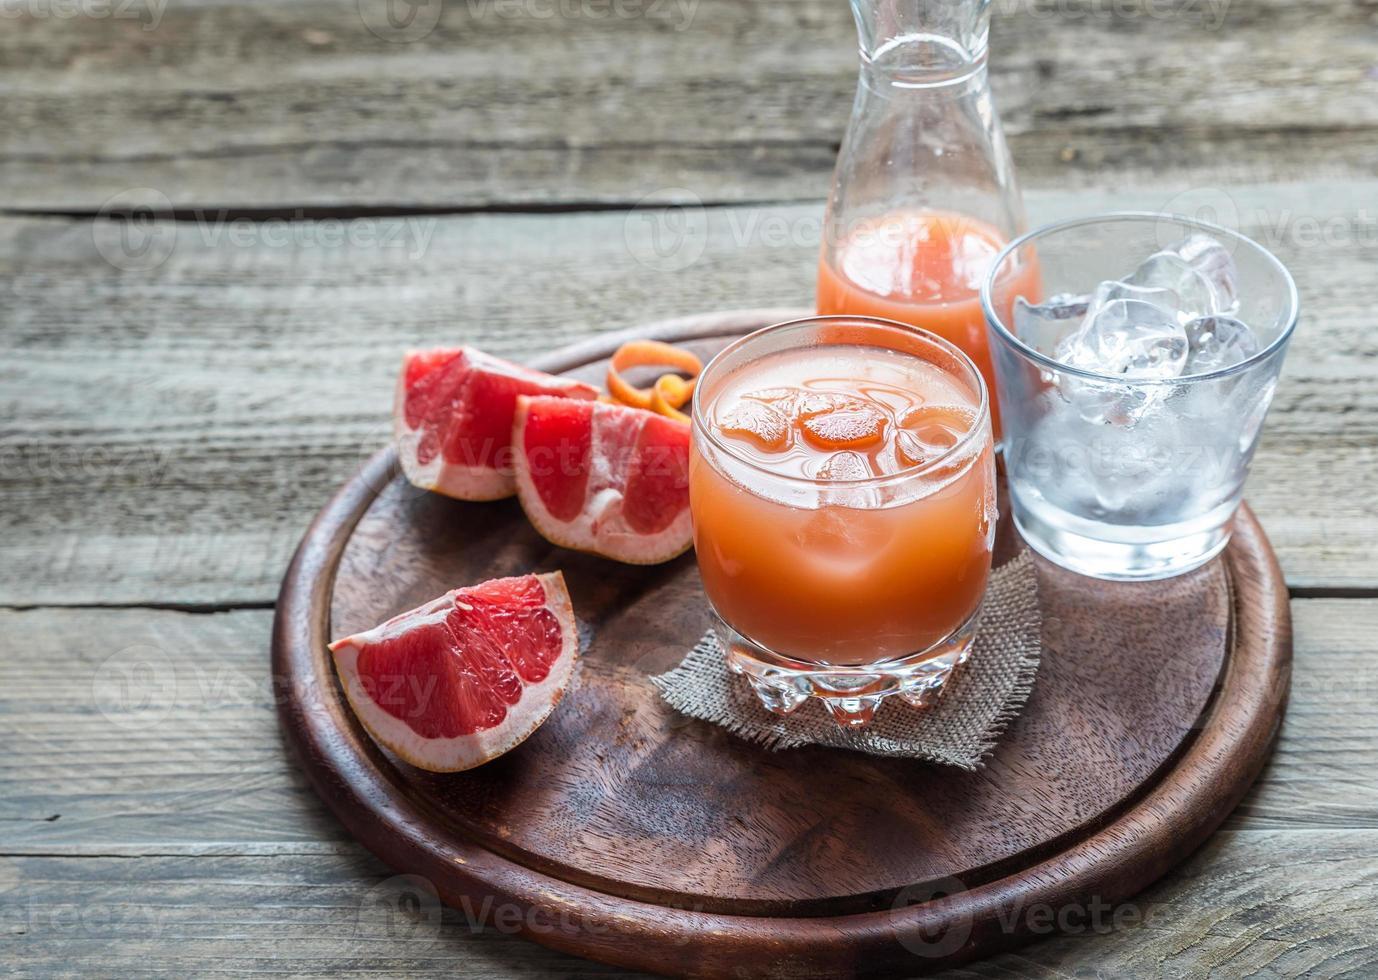 Grapefruit frisch auf dem Holztisch foto